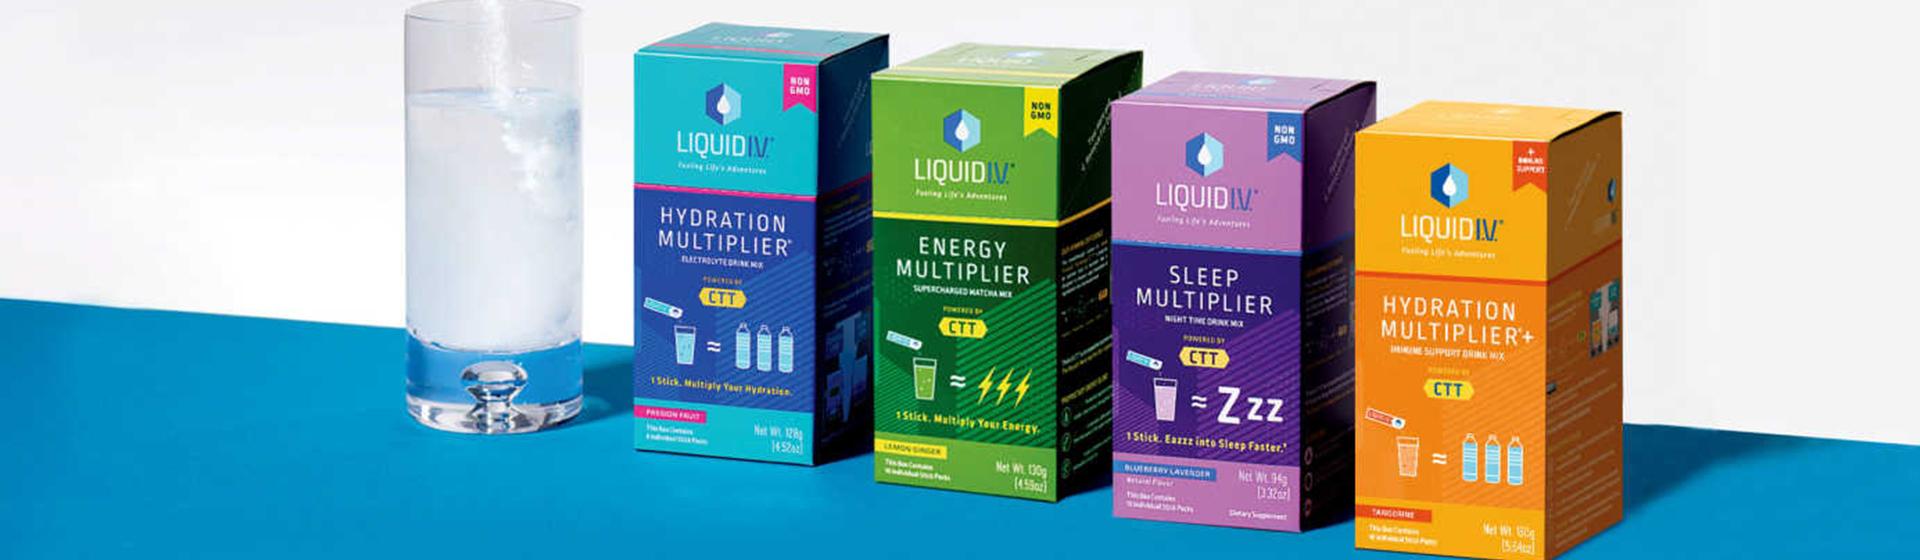 Liquid IV